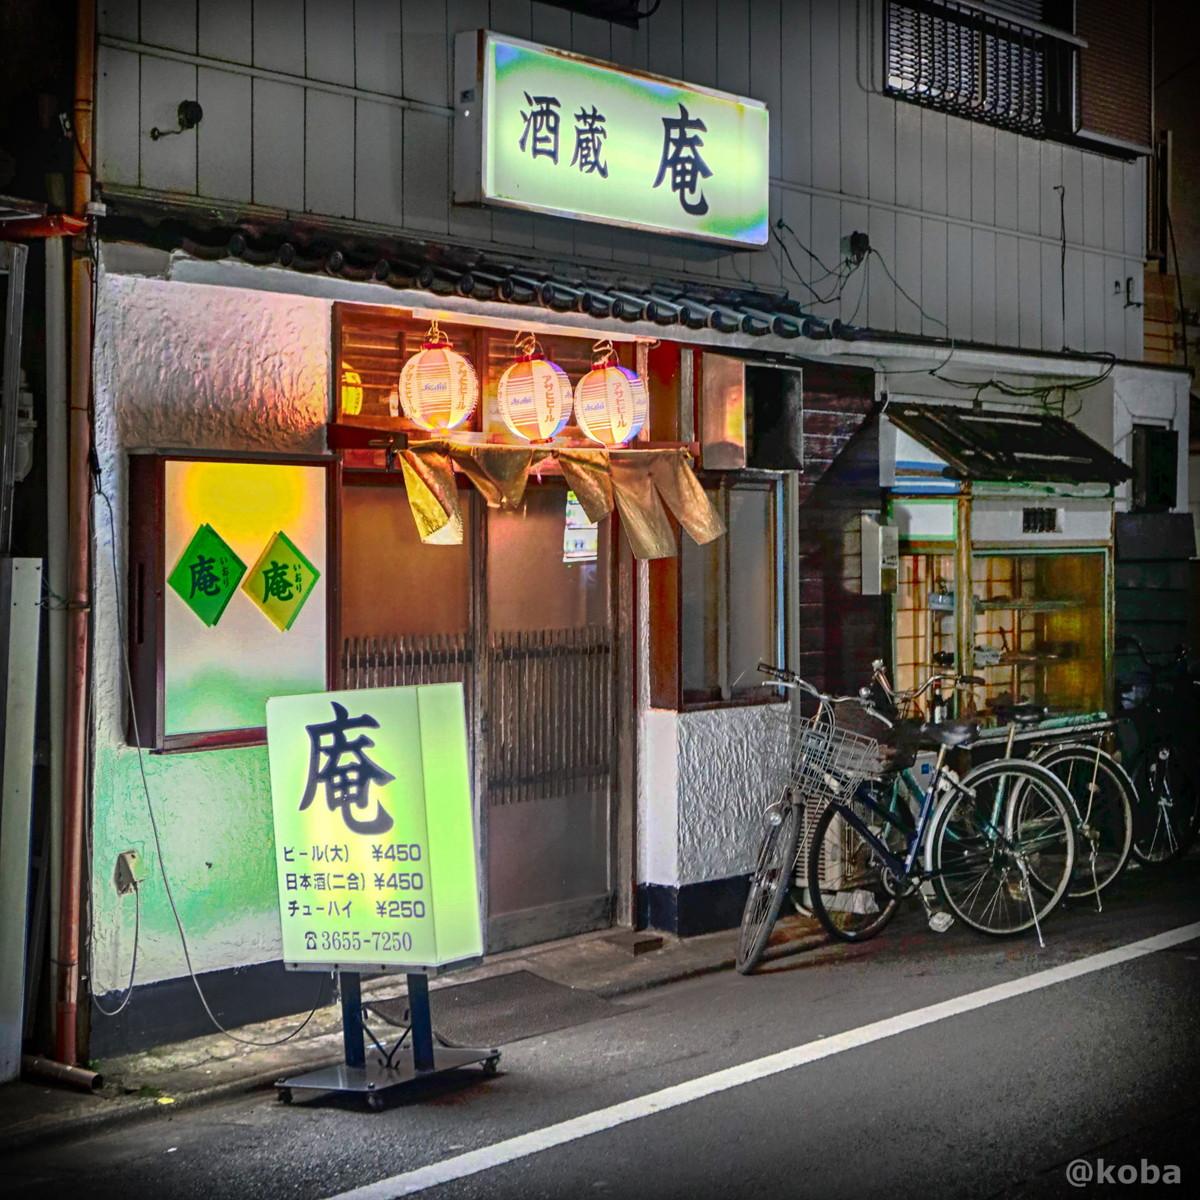 外観のHDR画像|酒蔵 庵(いおり)昭和ノスタルジーを感じる居酒屋|東京都葛飾区・新小岩|こばブログ